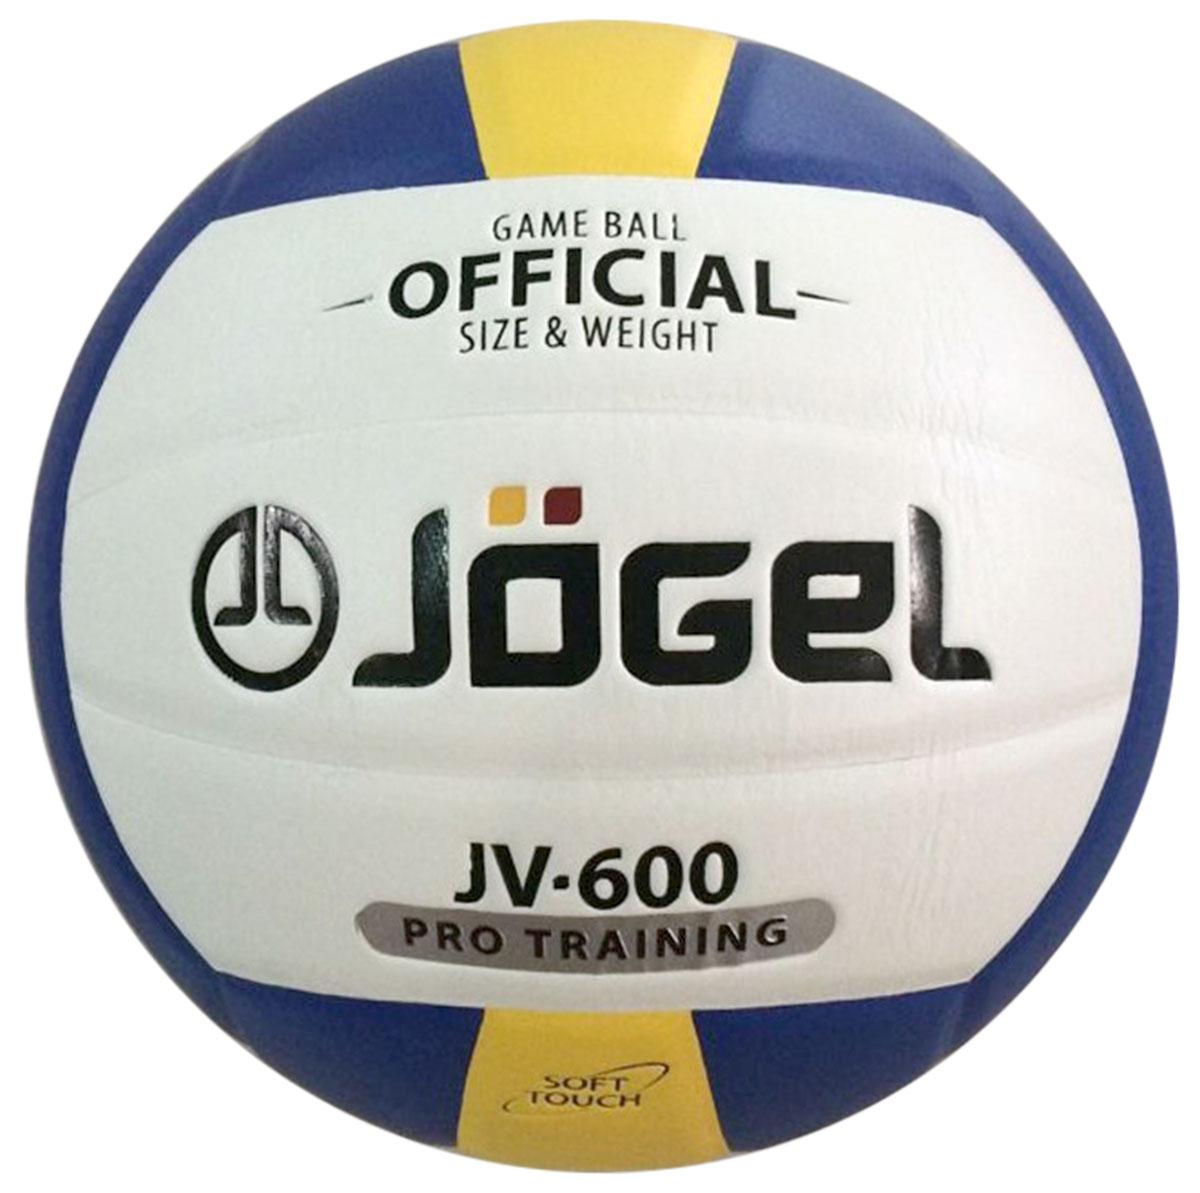 """Мяч волейбольный """"Jogel"""", цвет: синий, желтый. Размер 5. JV-600"""